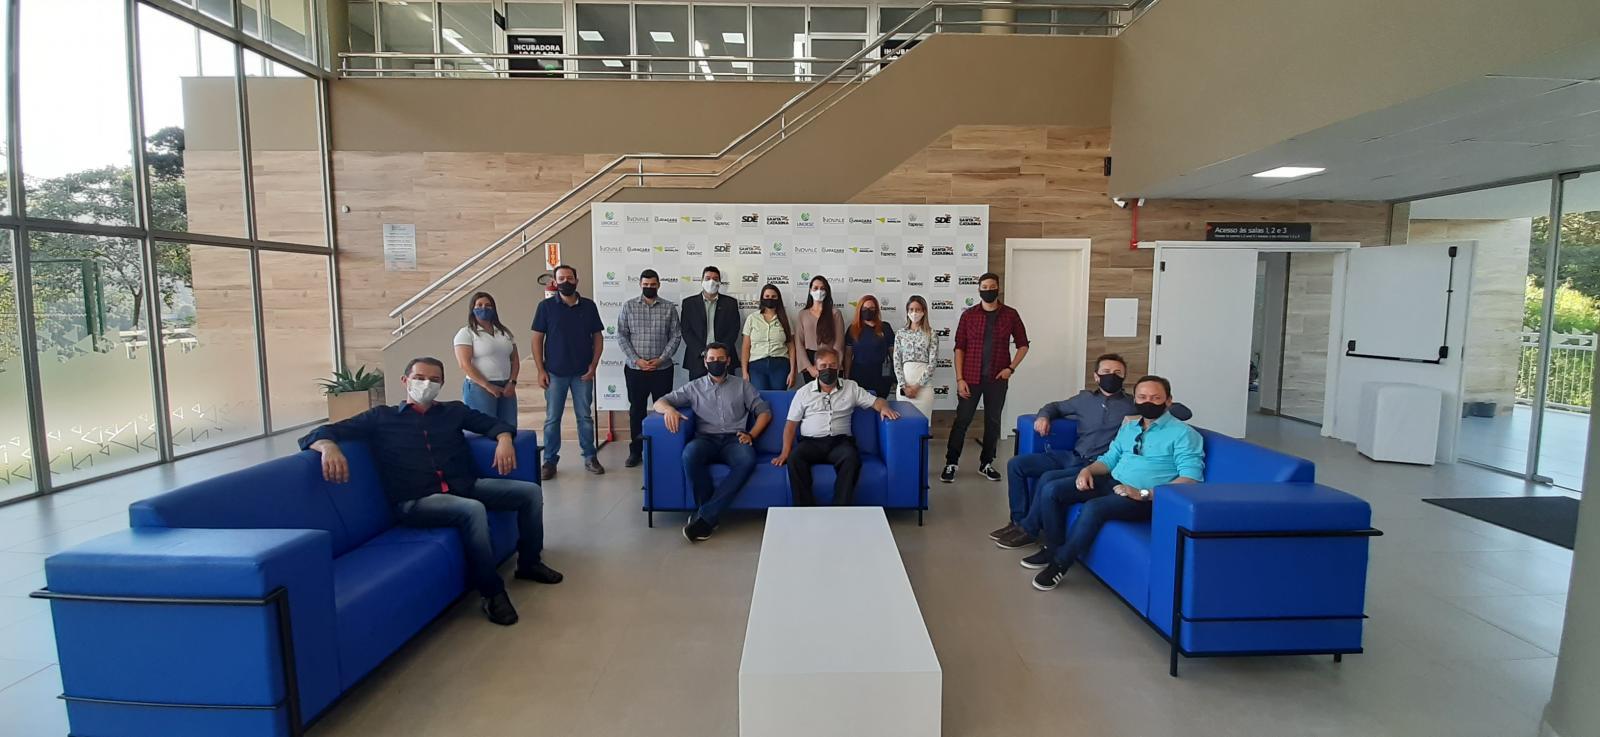 ACIRCAN e Prefeitura de Campos Novos assinam termo de colaboração para instalação da Incubadora Tecnológica